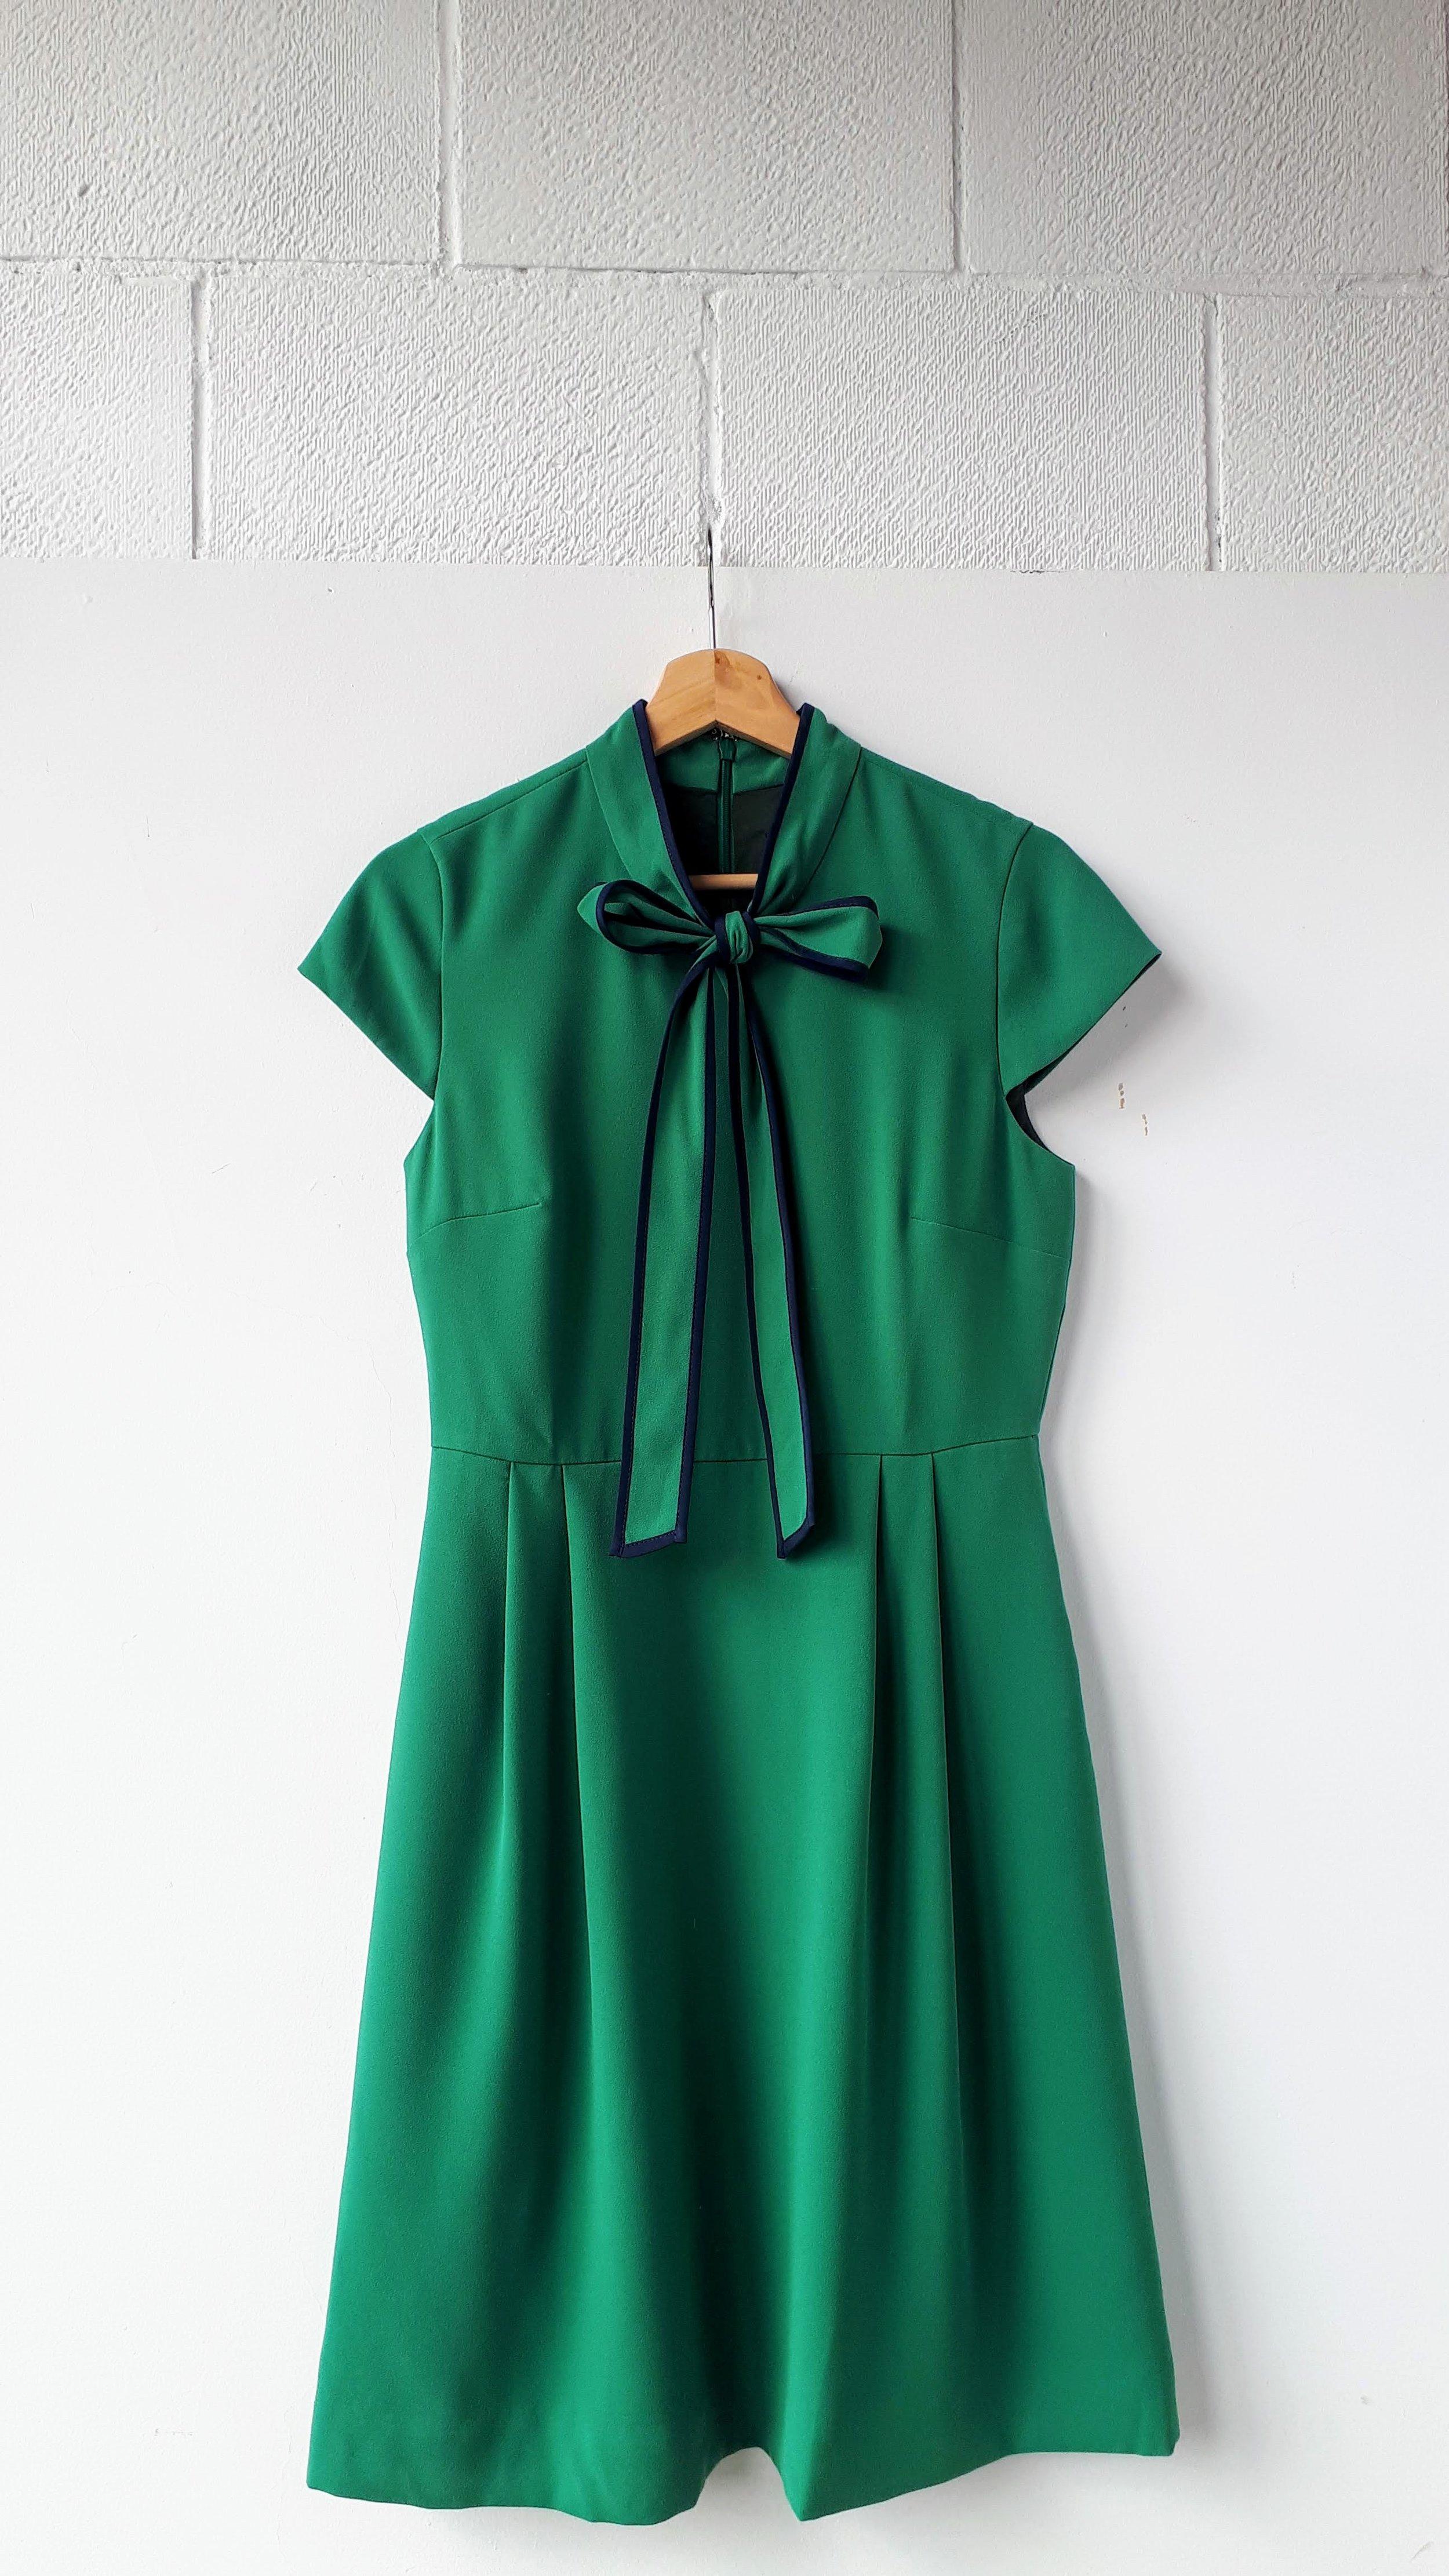 J Crew dress (NWT); Size 6, $40